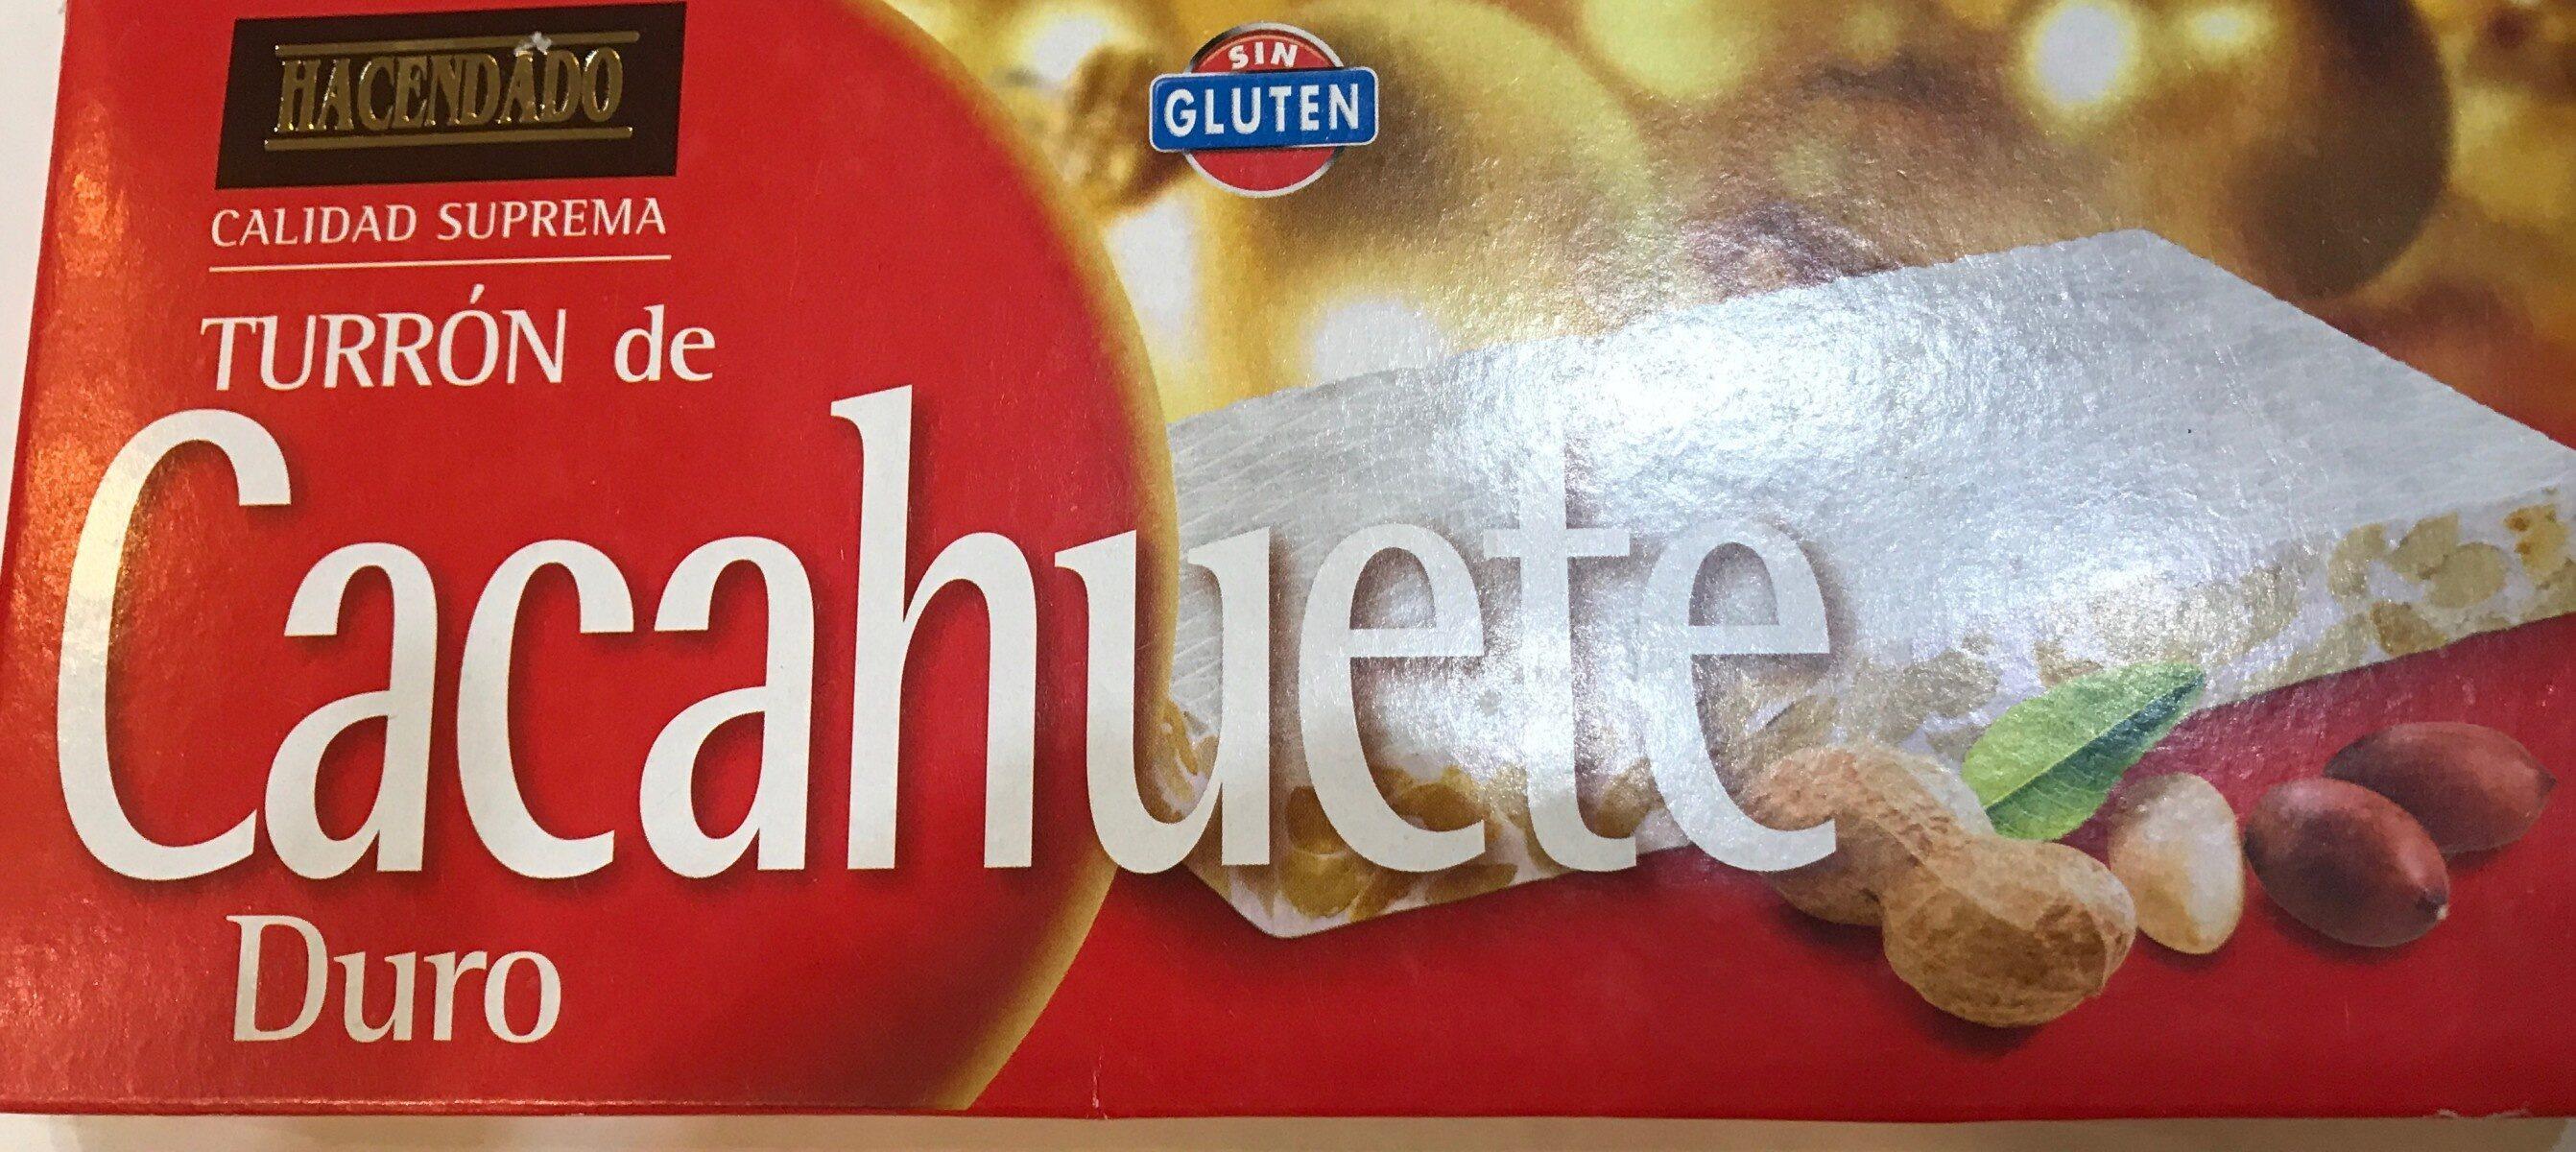 Turrón de cacahuete duro - Produit